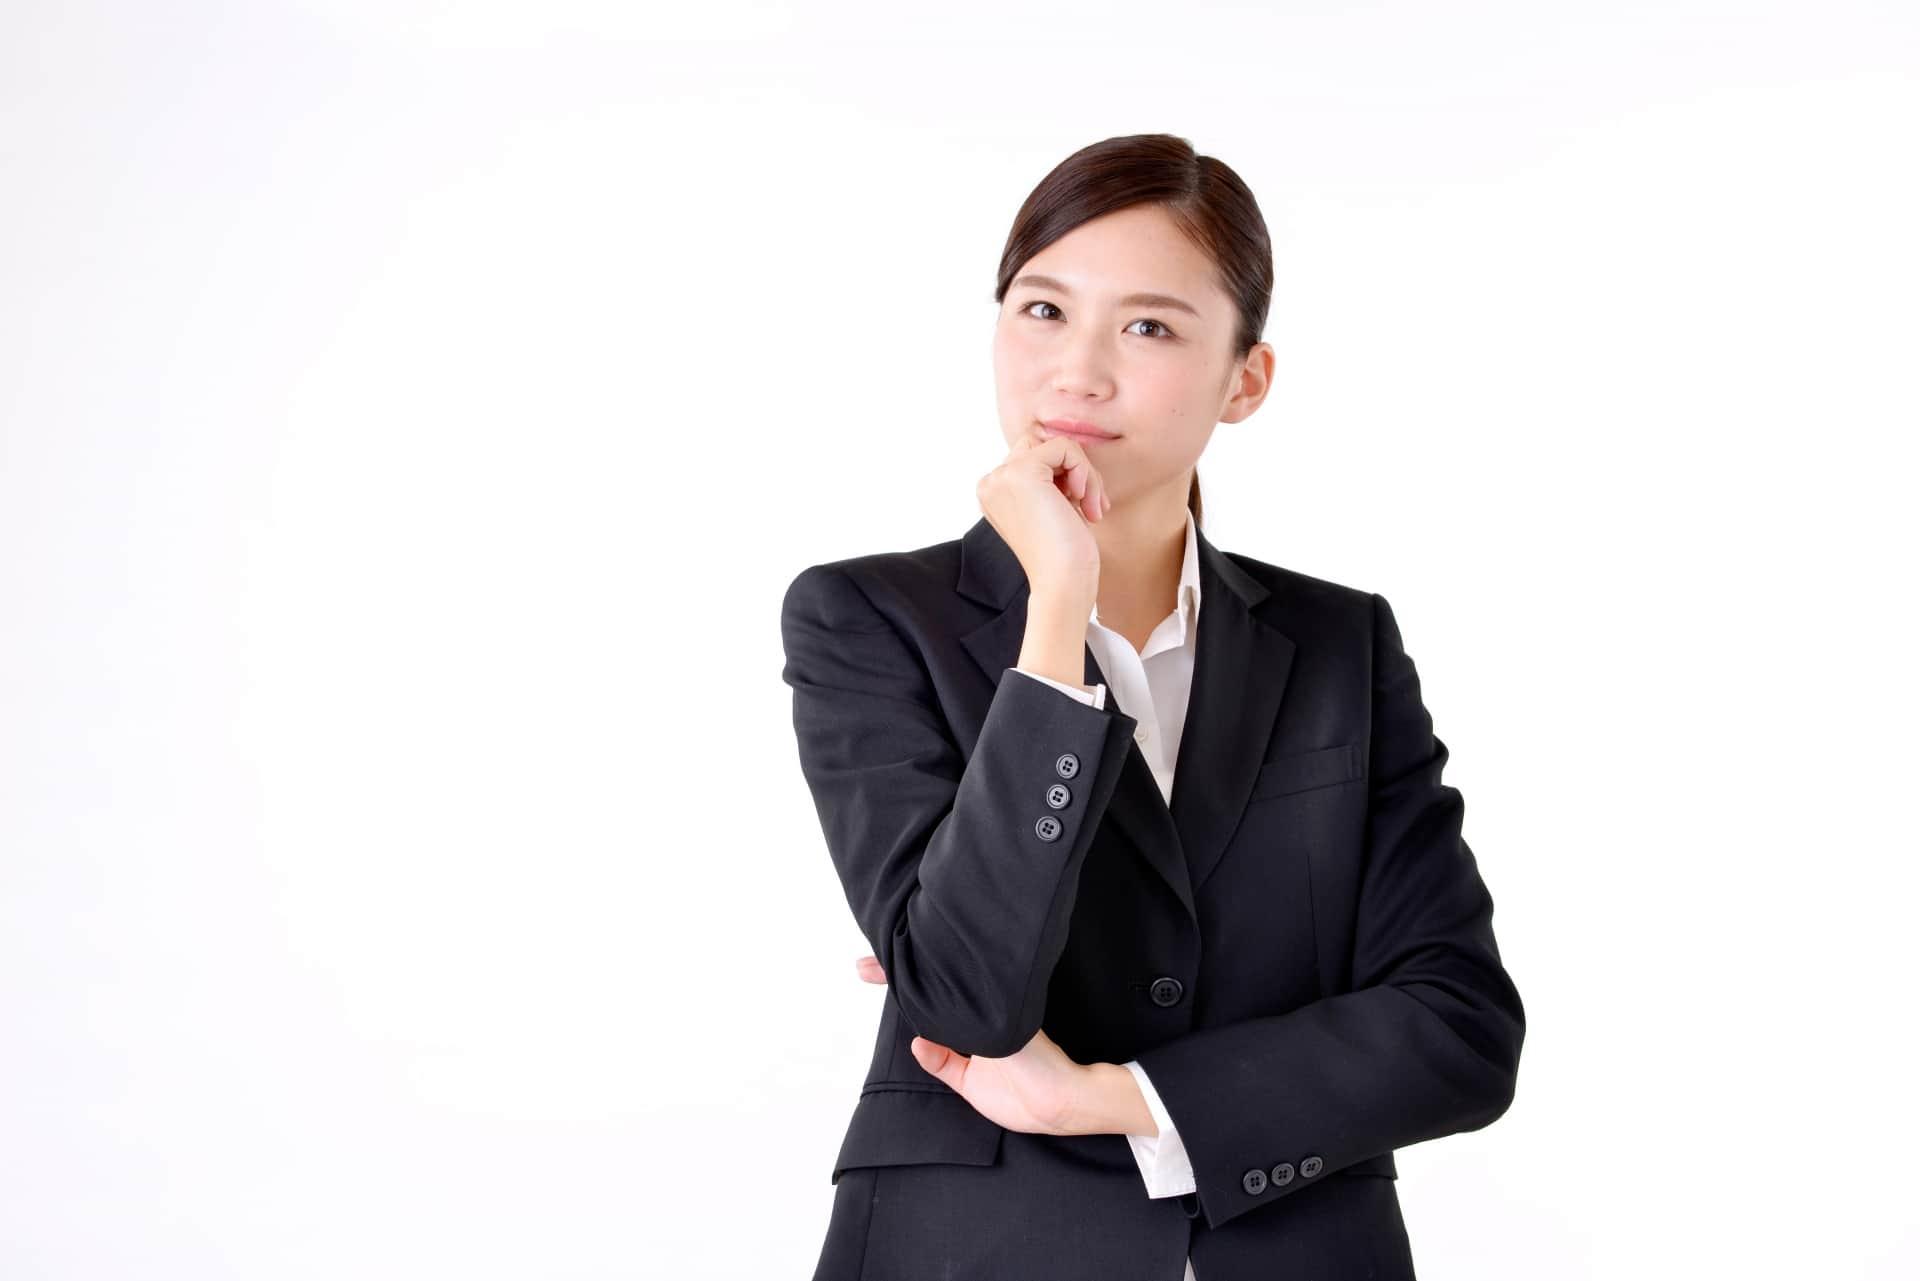 面接で聞かれることとは?-質問の回答例や企業が就活生に求める答え方を解説-